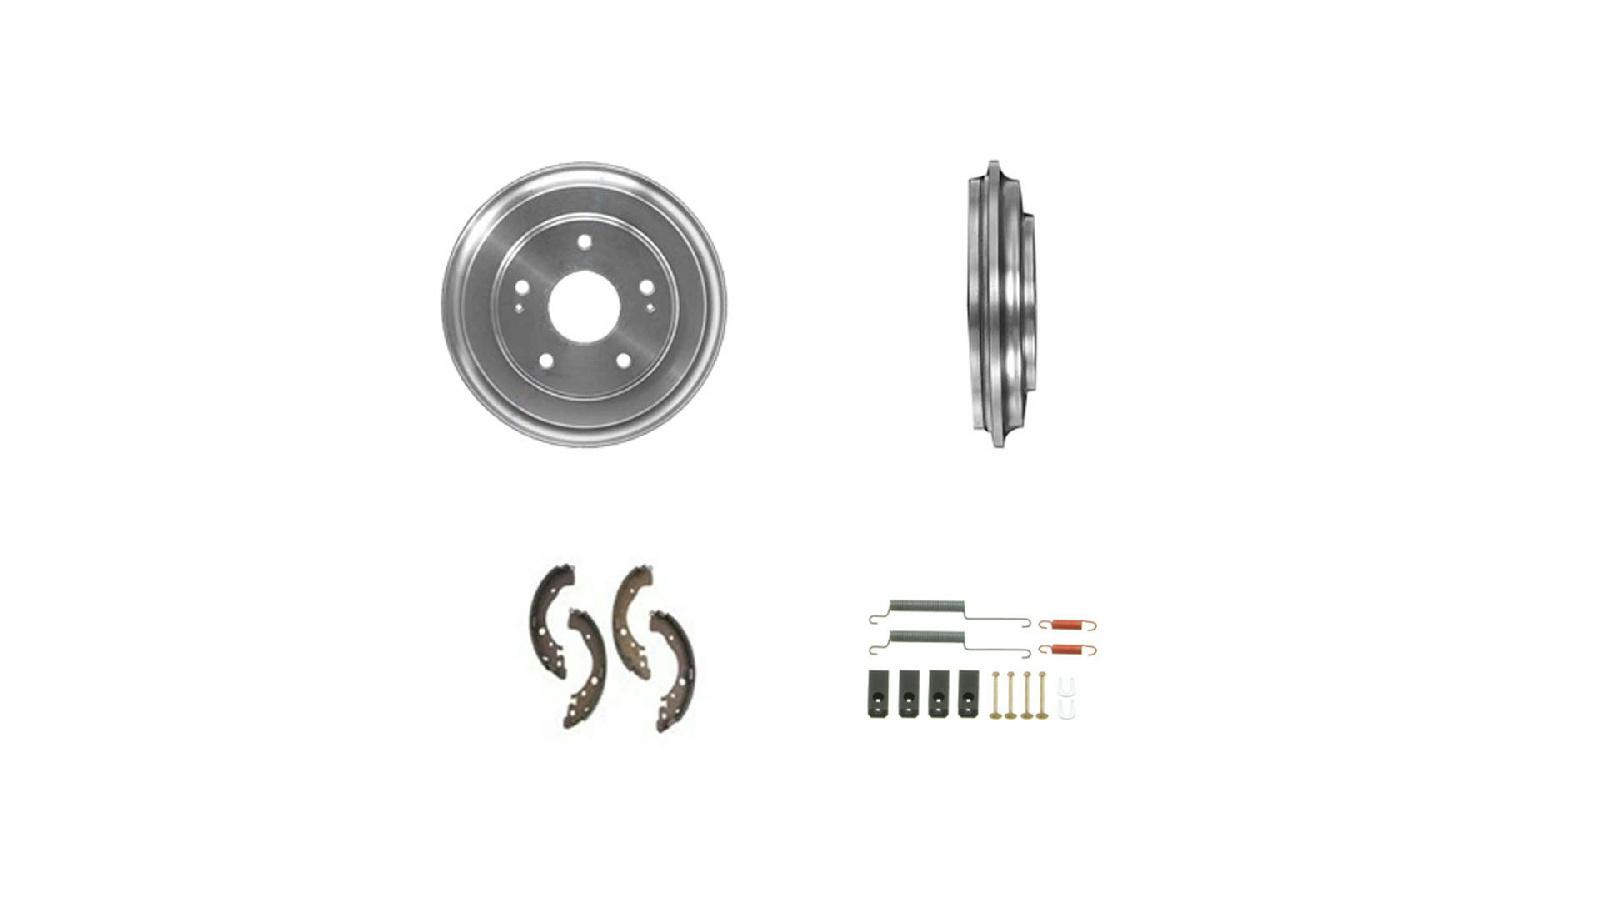 06 13 Civic Rear Brake Drum Drums Amp Shoes B913